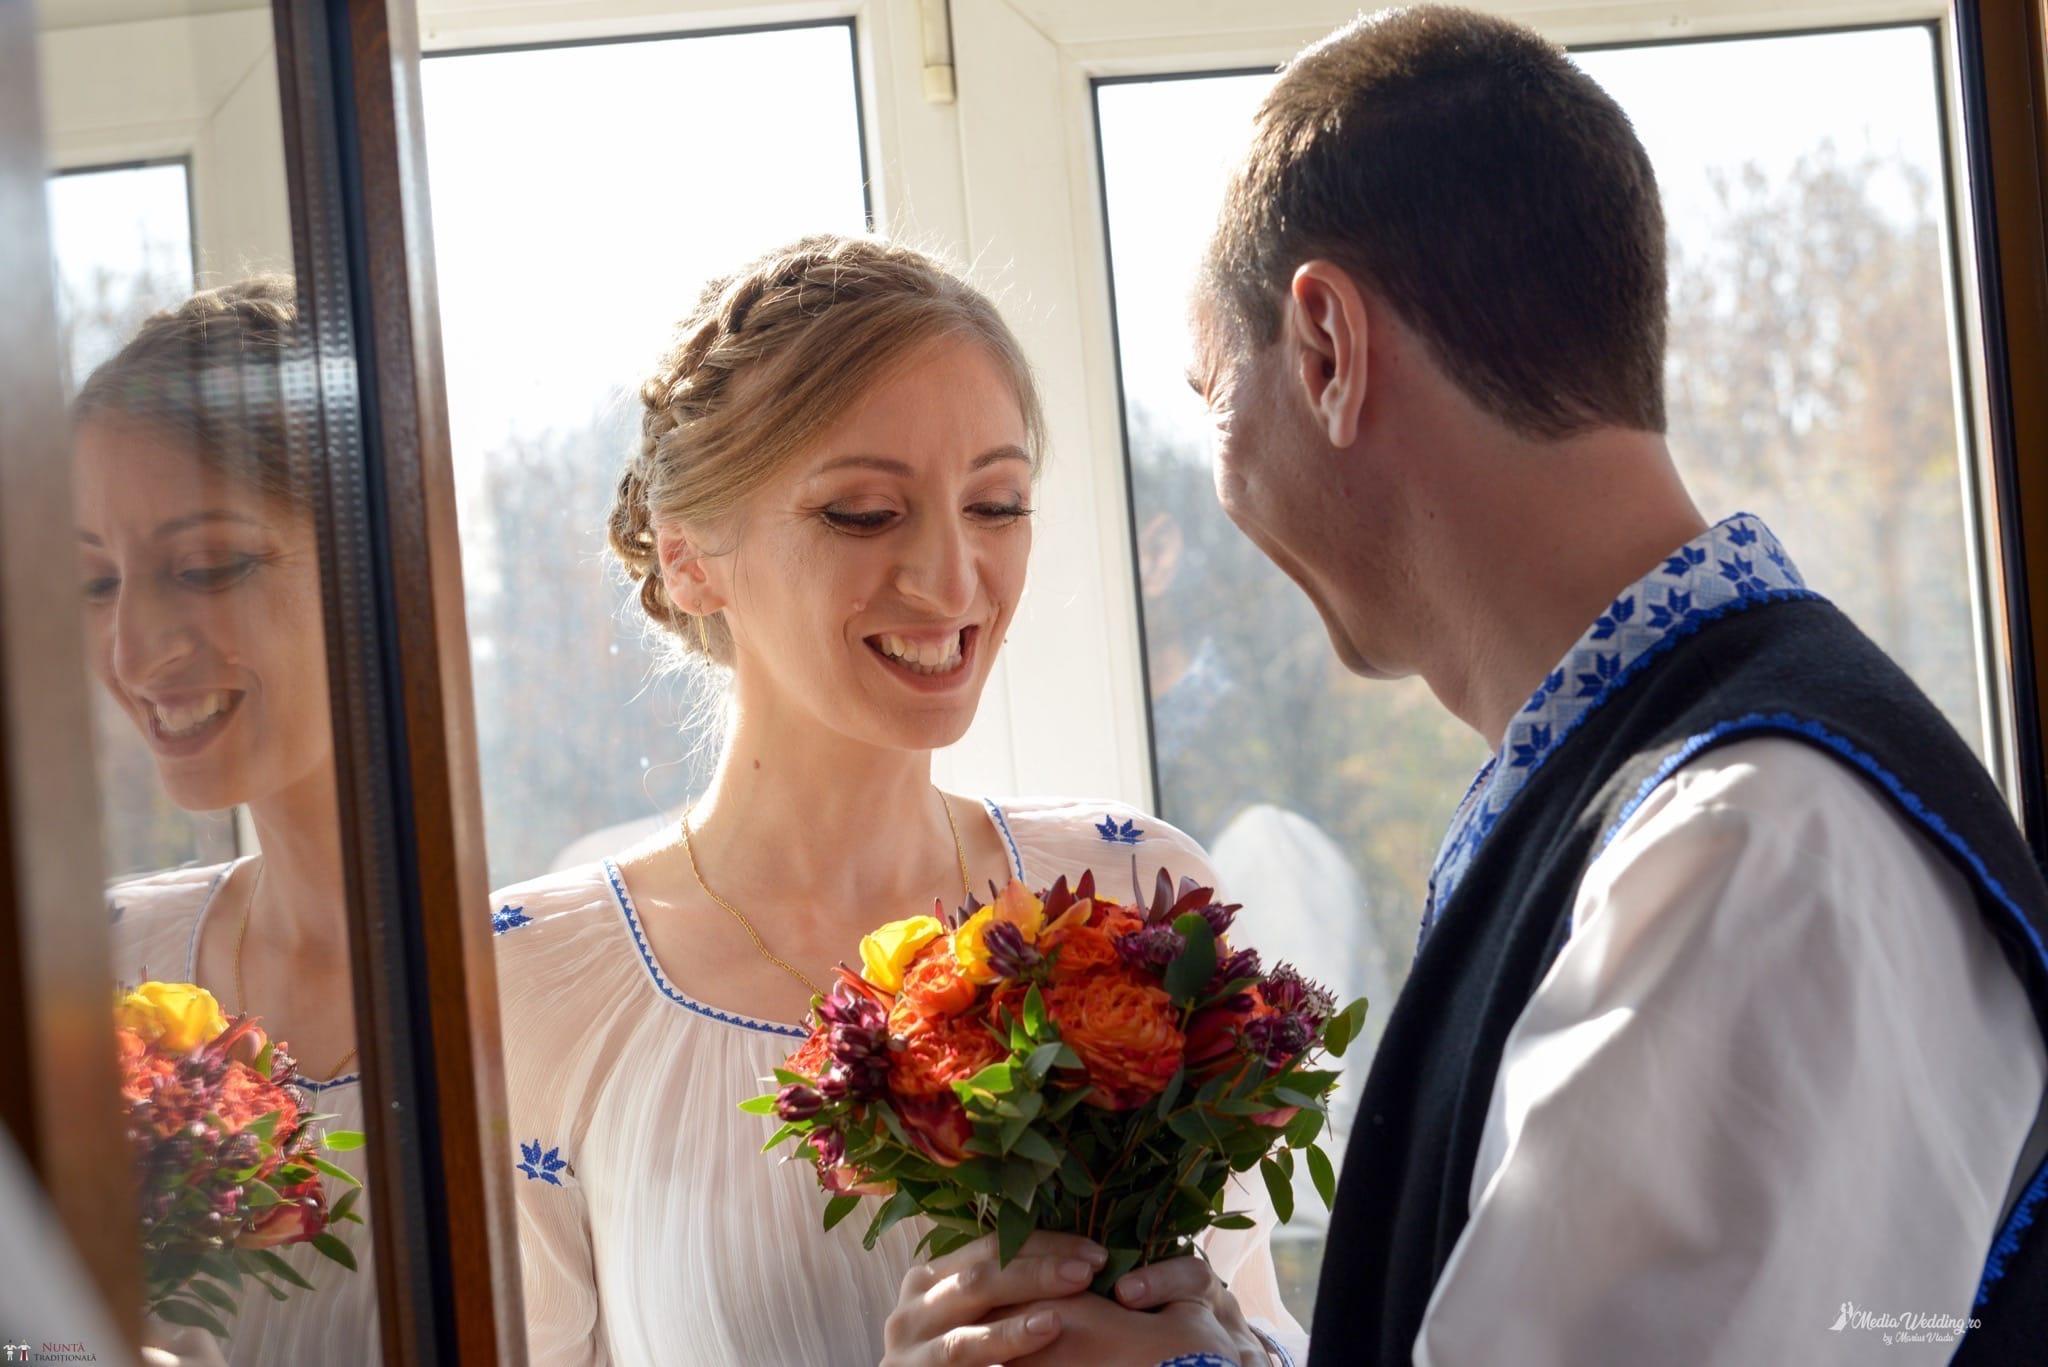 Povești Nunți Tradiționale - Alina-Maria și Ilie, nuntă tradițională în București 7